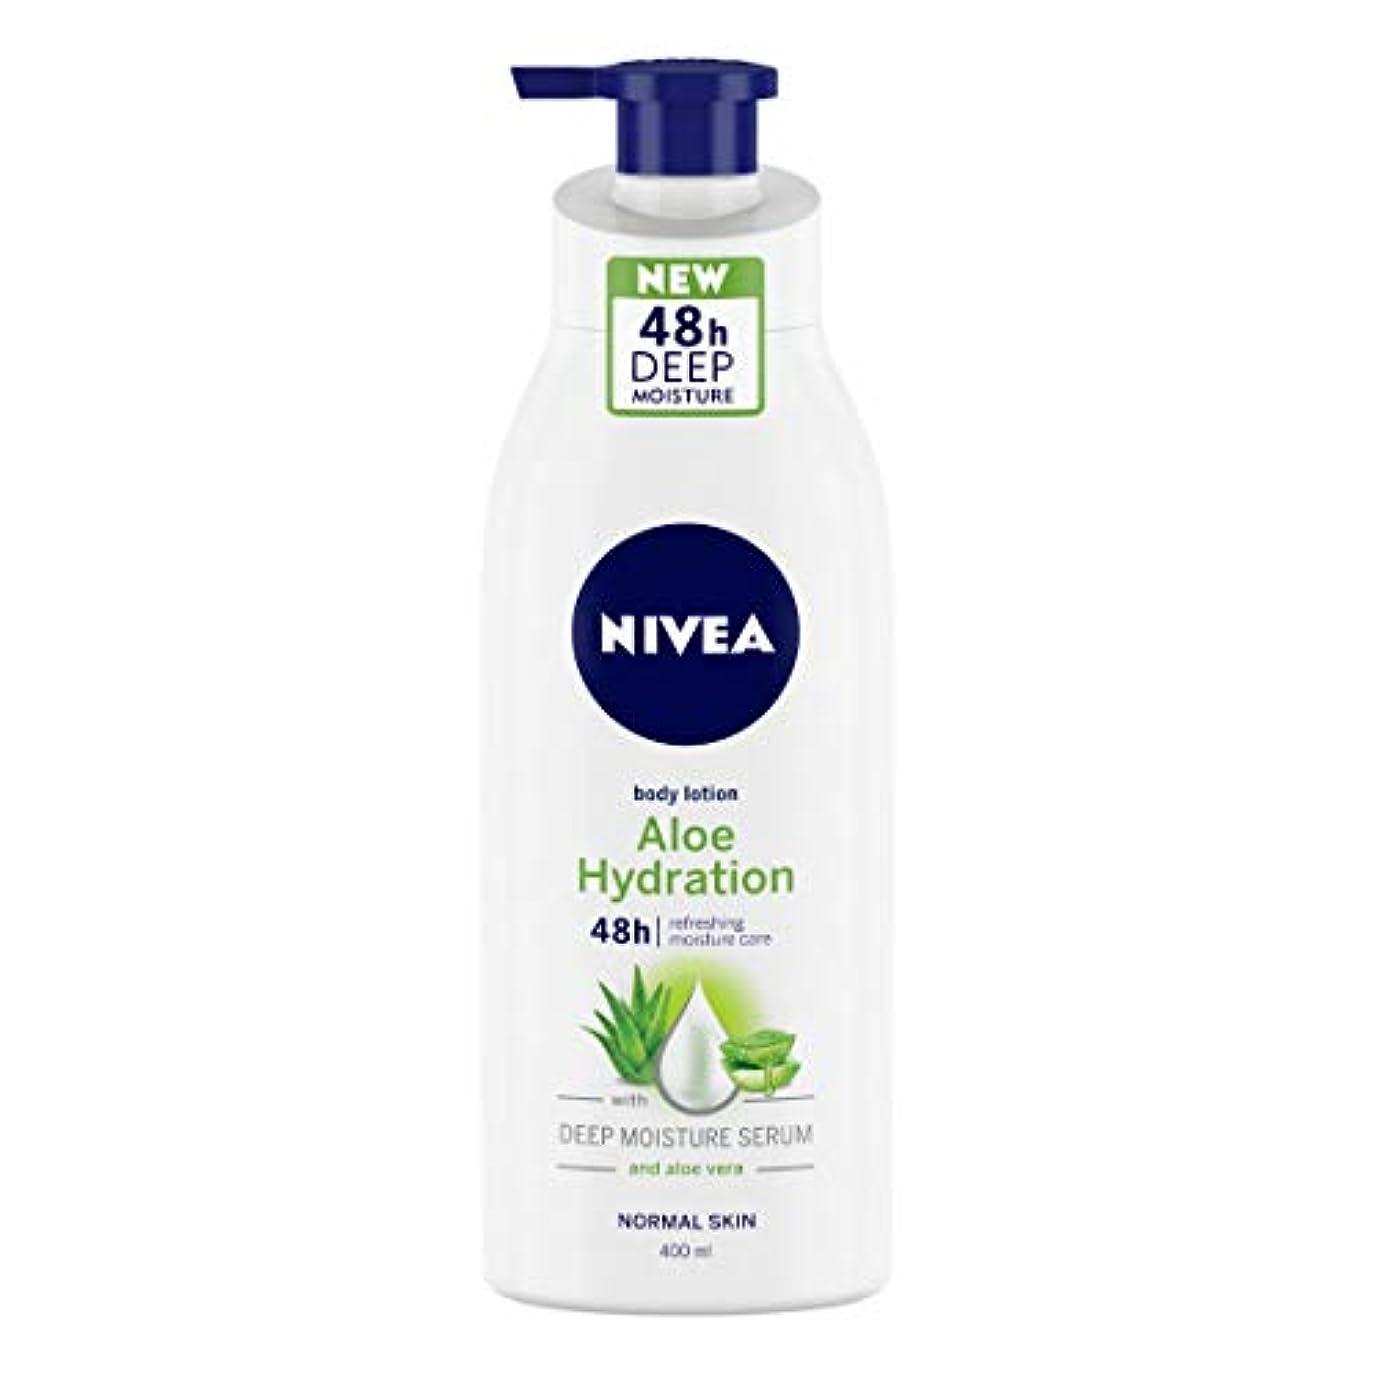 不規則性オプショナル人物NIVEA Aloe Hydration Body Lotion, 400ml, with deep moisture serum and aloe vera for normal skin